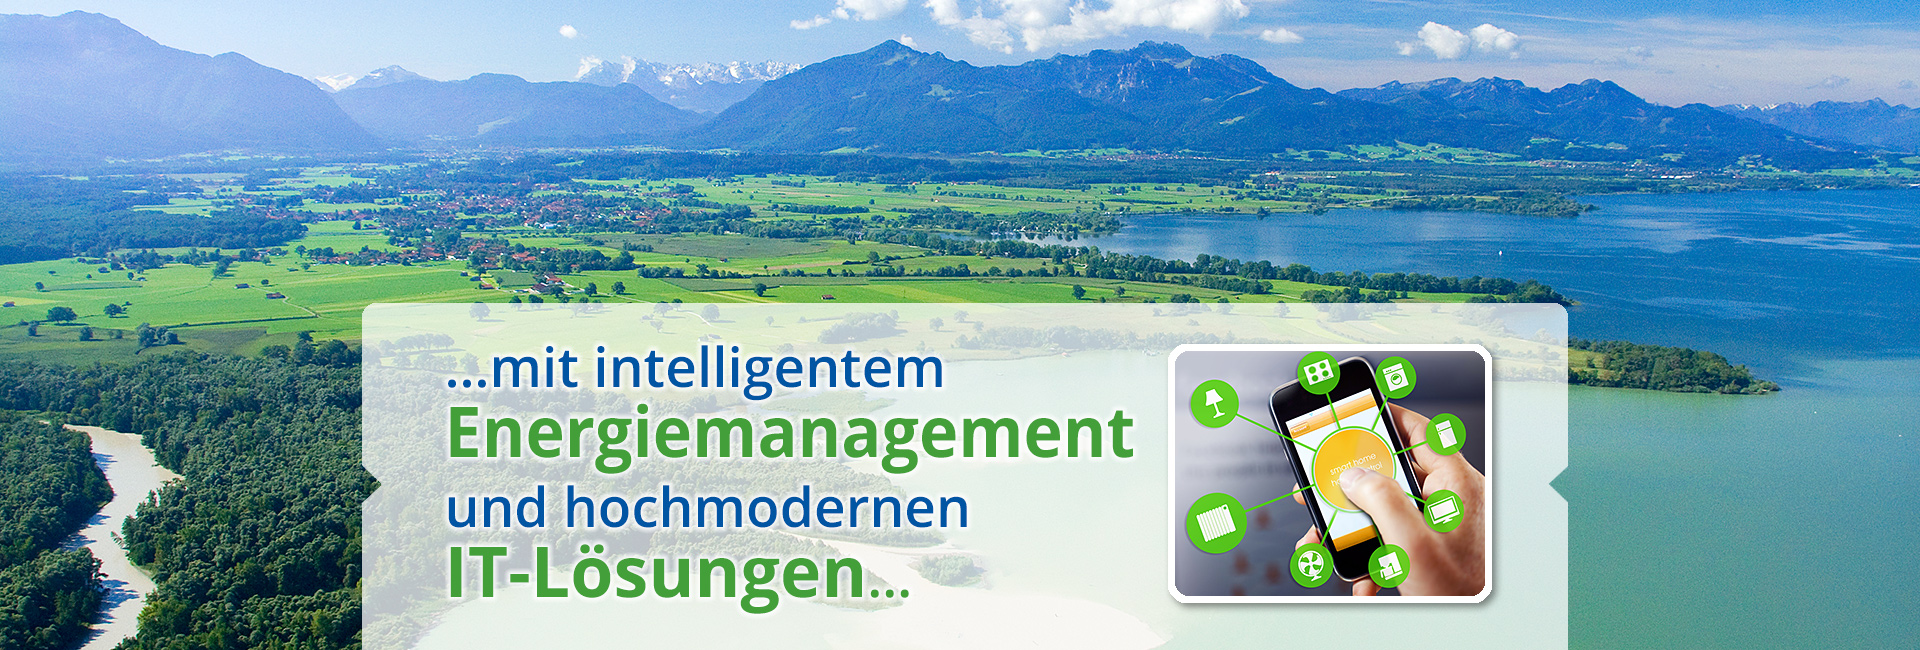 Energiewende Chiemgau Slider-4